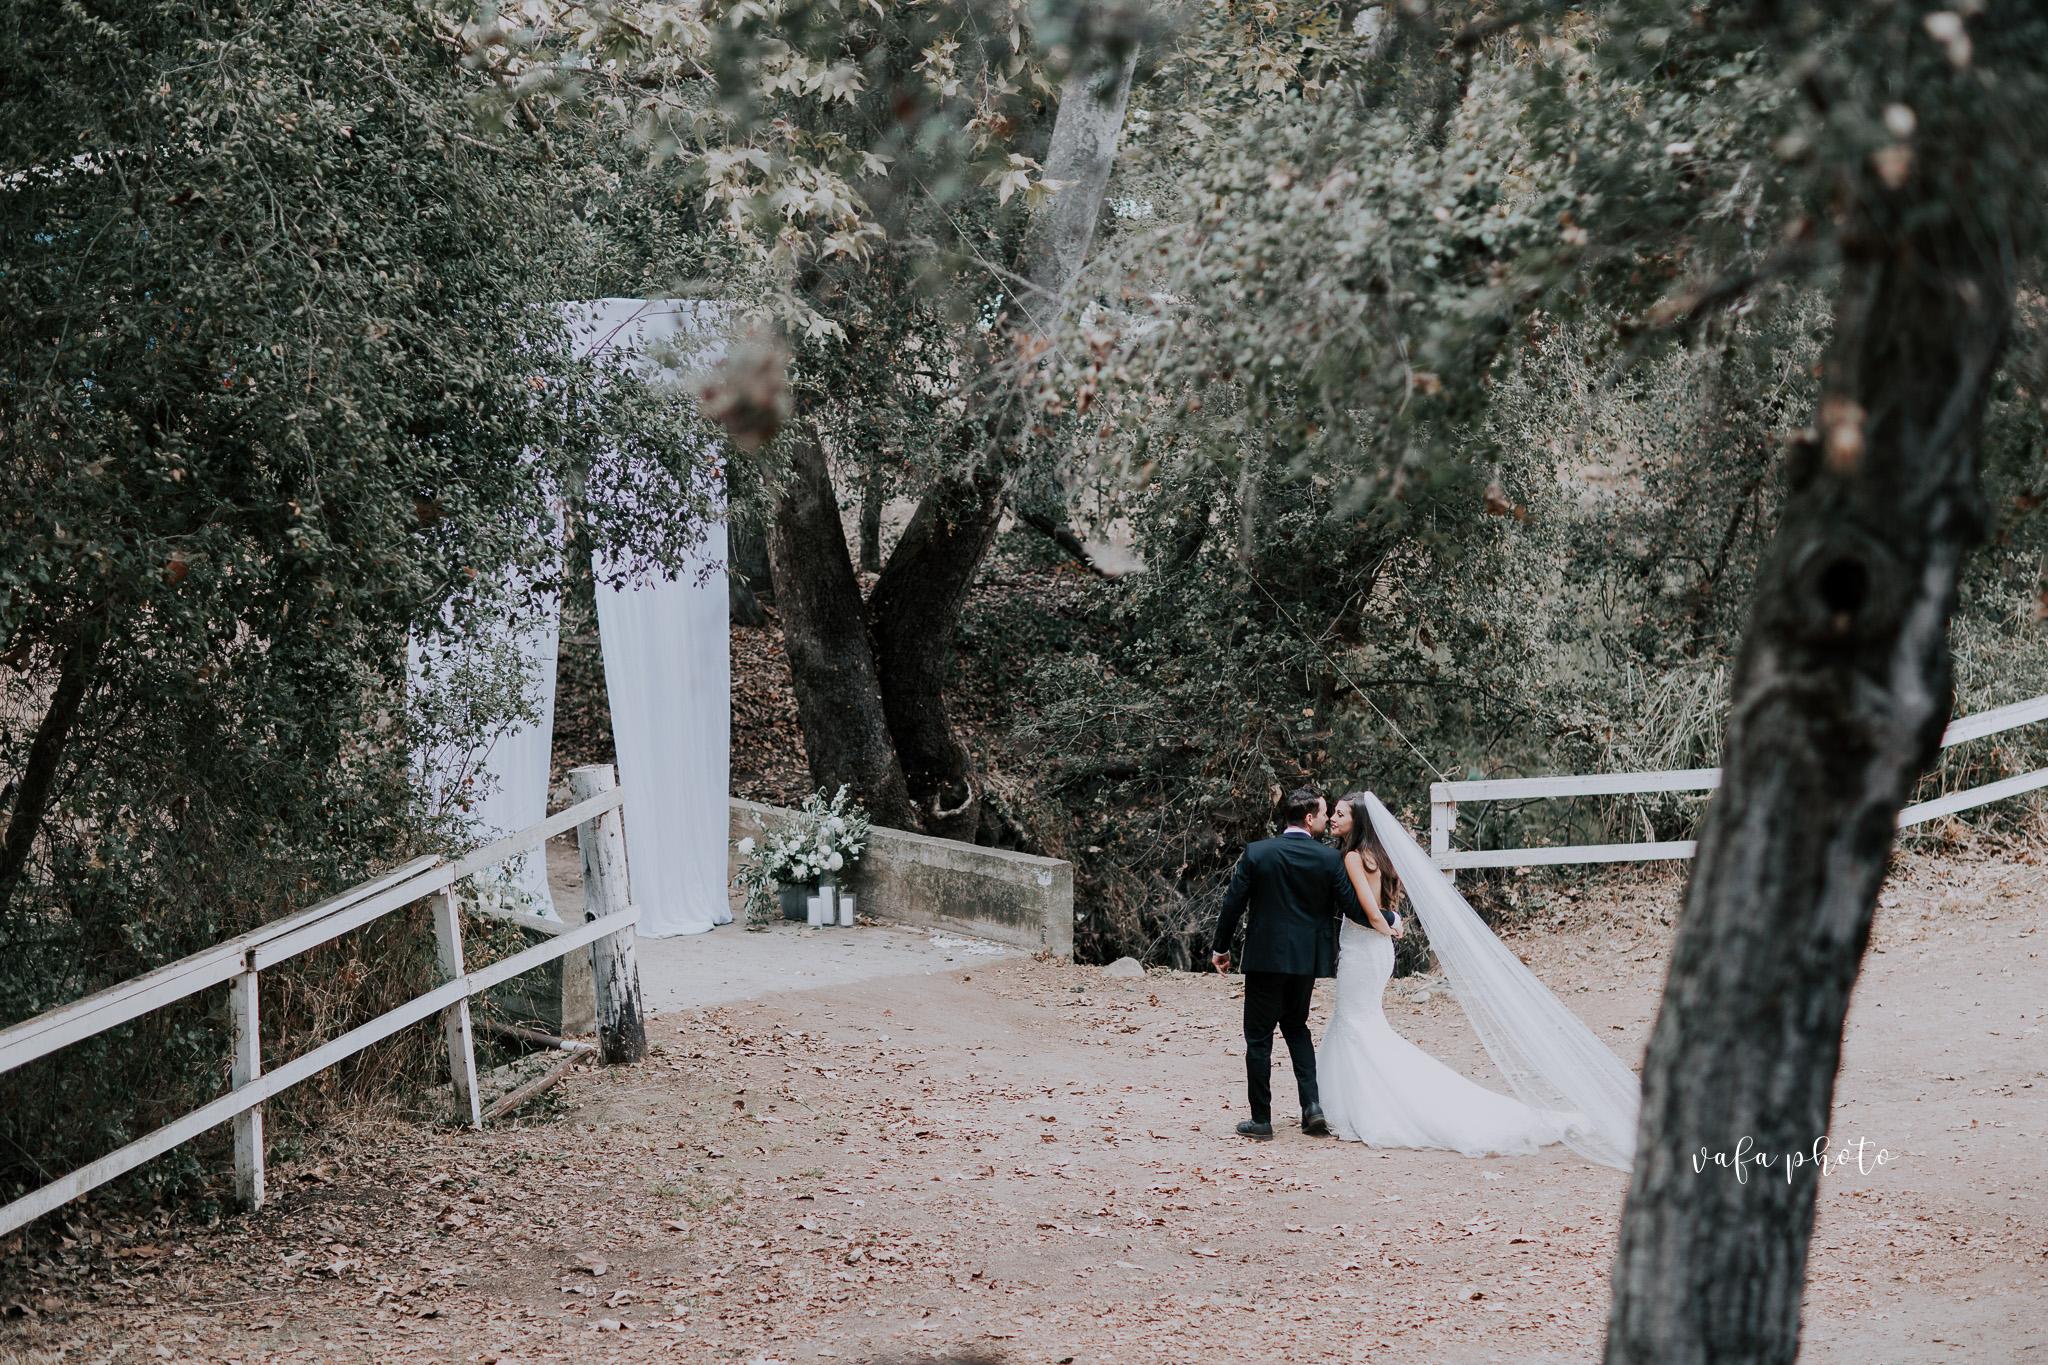 Southern-California-Wedding-Britt-Nilsson-Jeremy-Byrne-Vafa-Photo-504.jpg